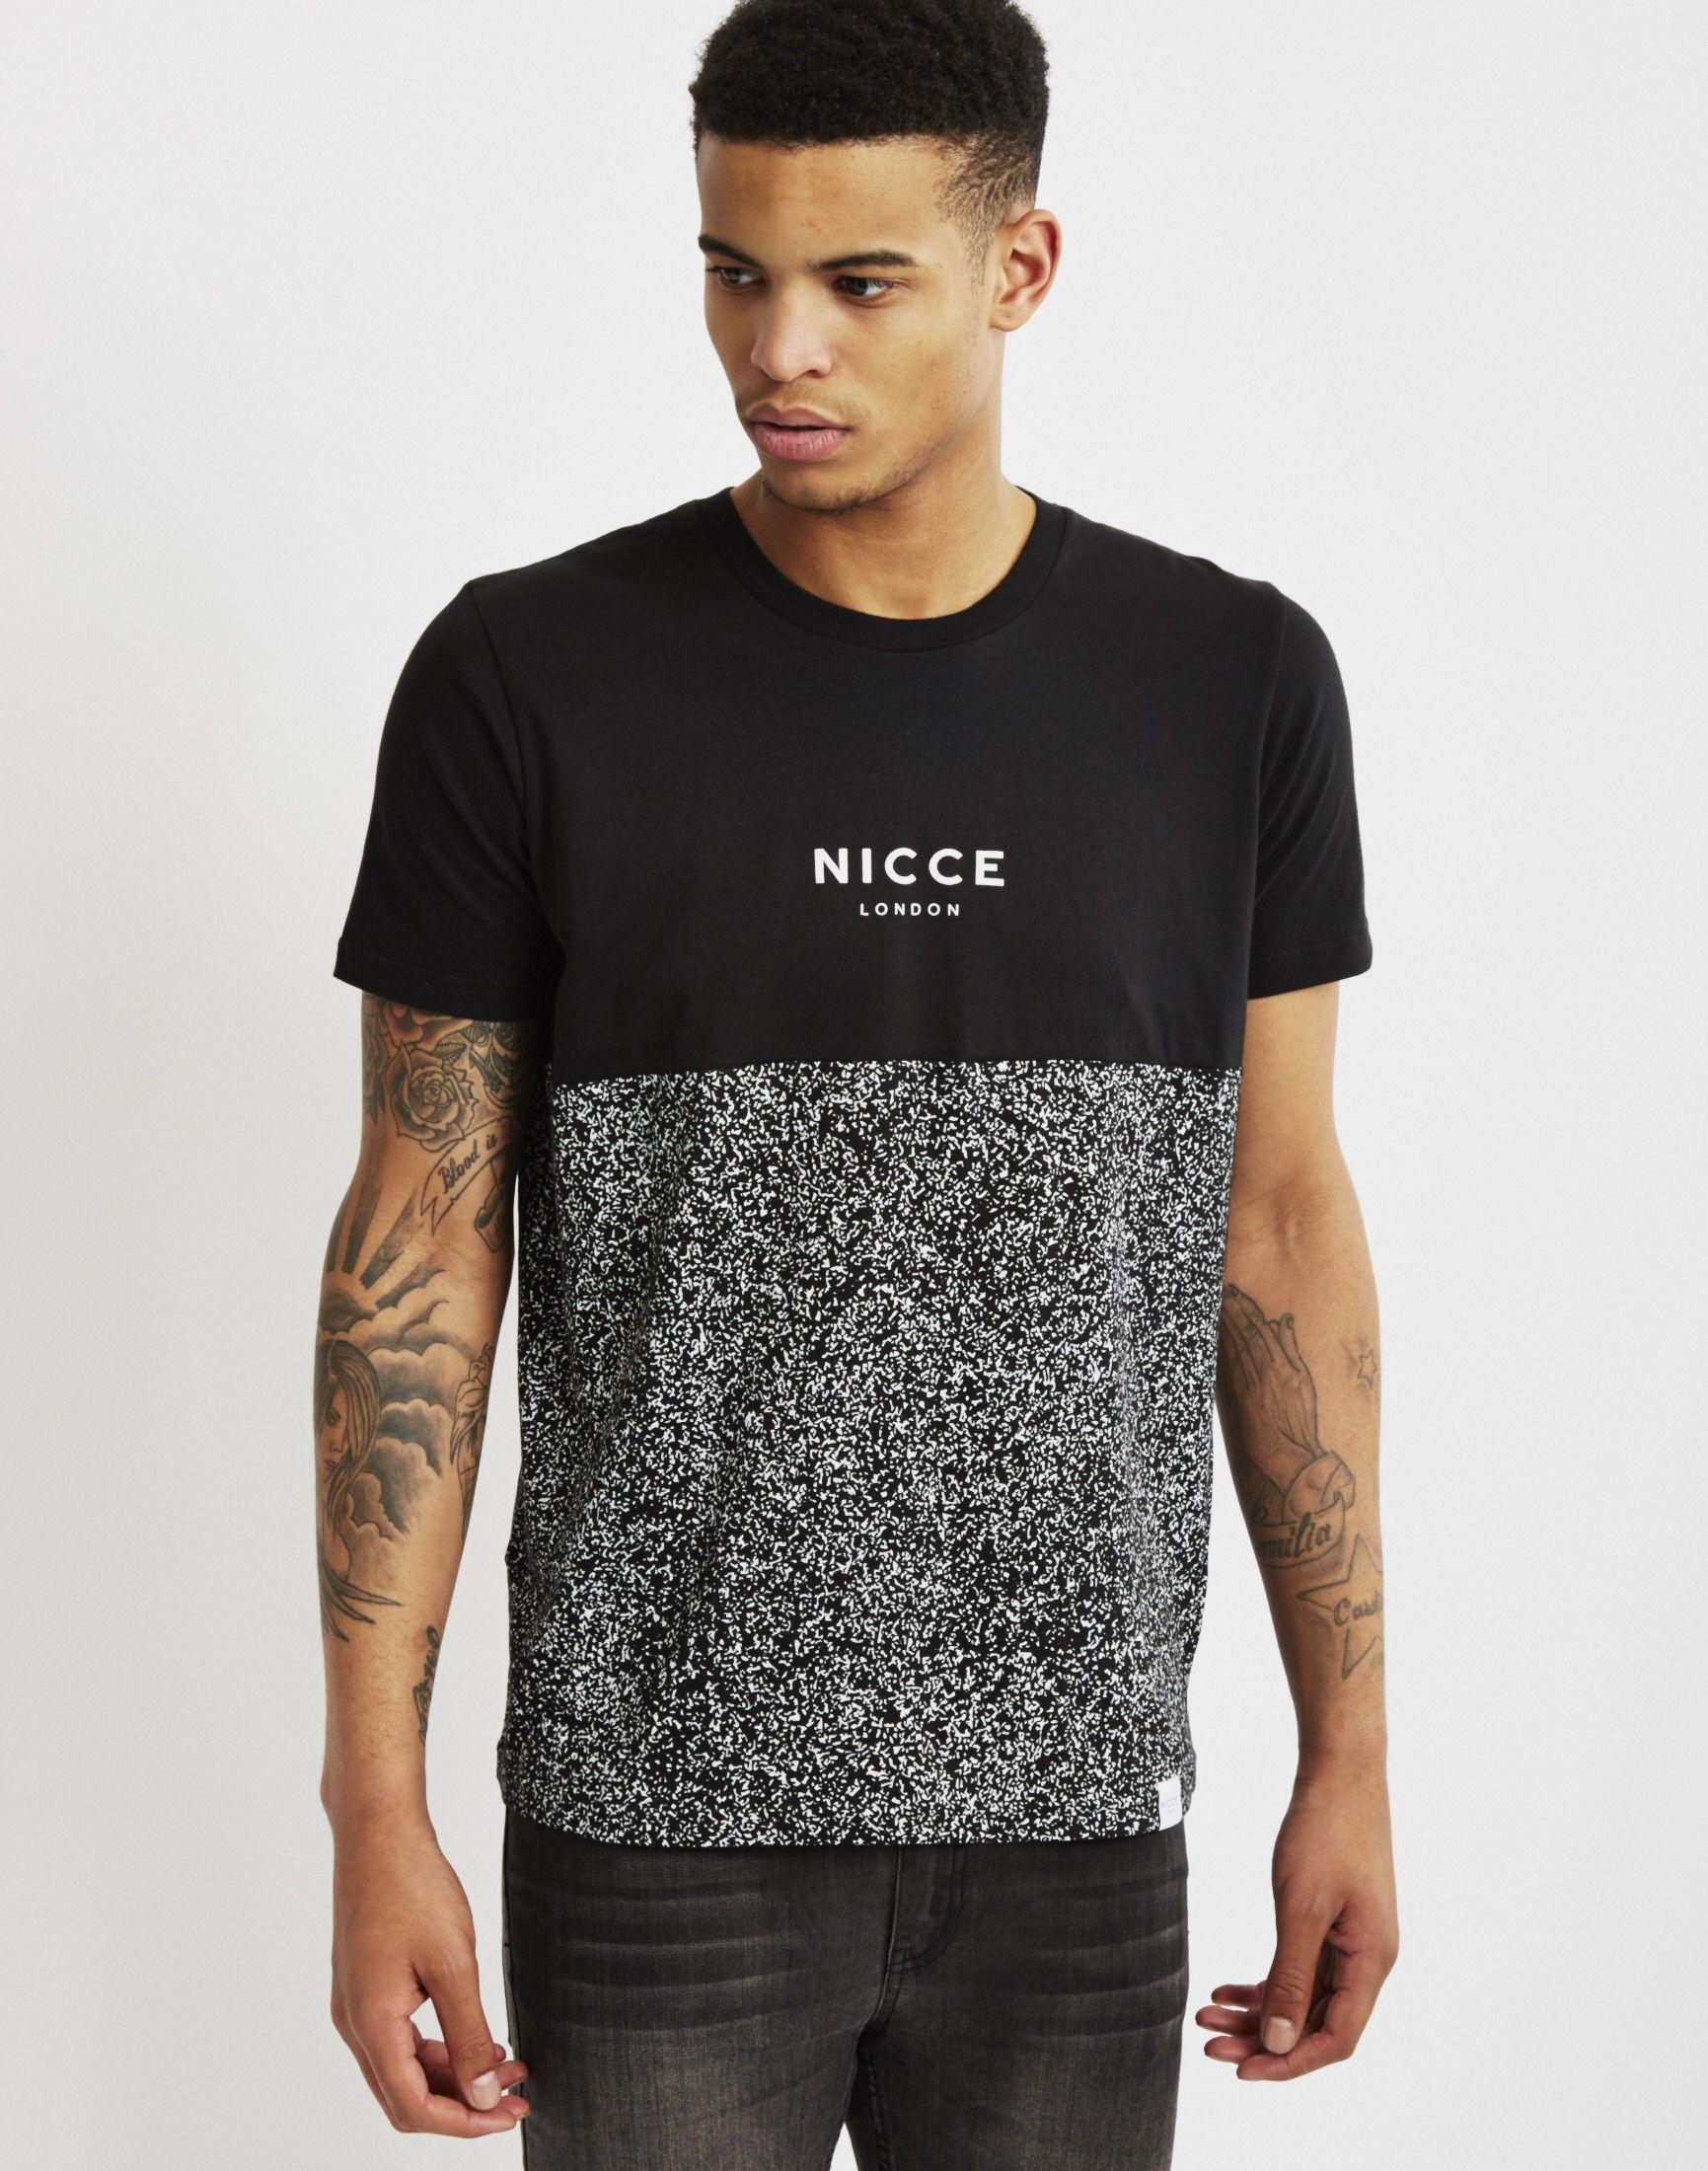 Nicce White Noise Raglan T-Shirt - D8738